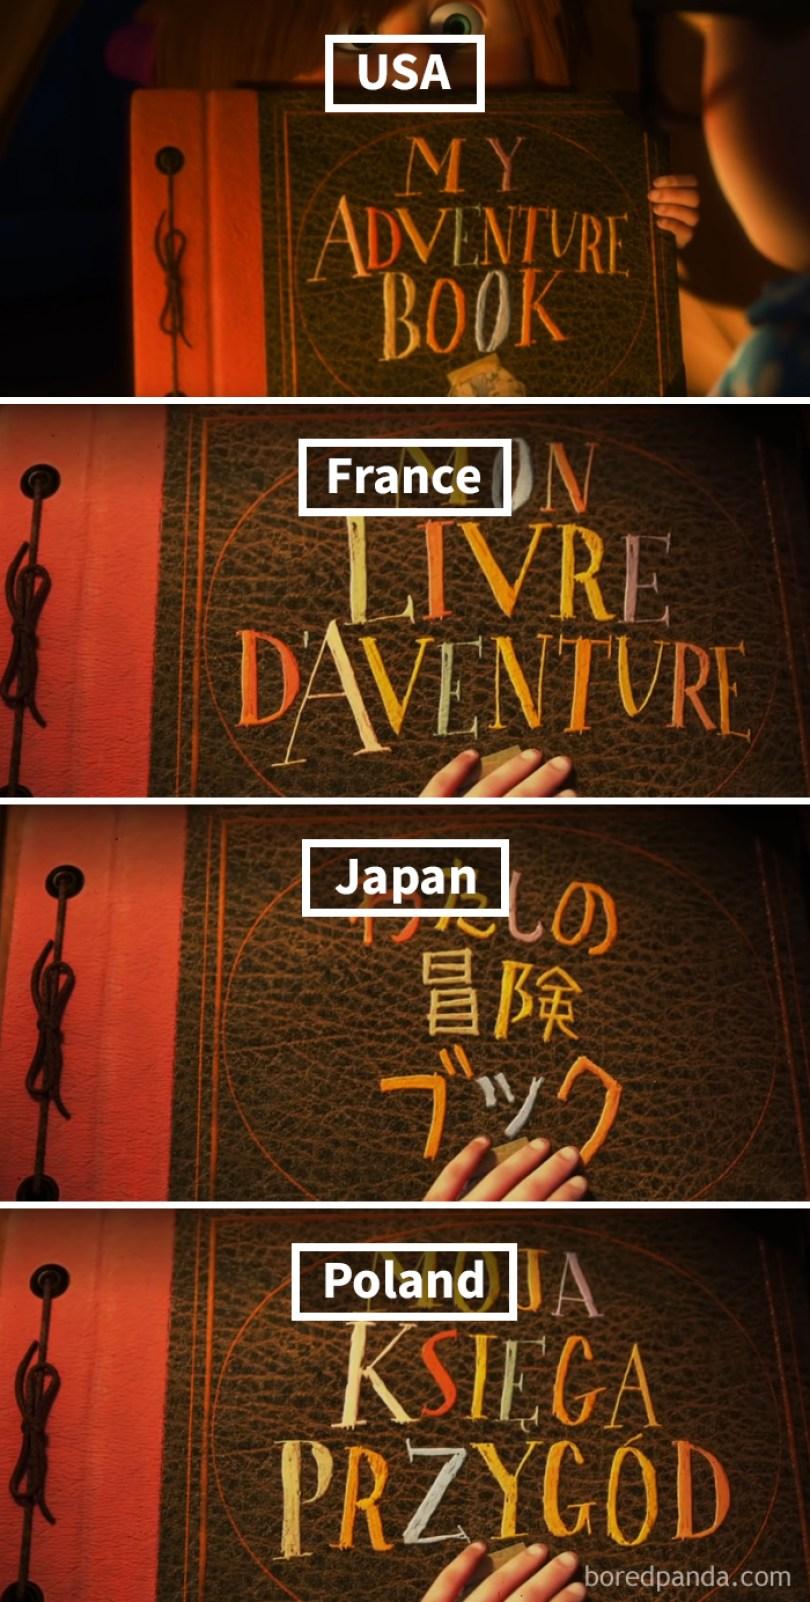 5fbf6576c3978 14 5fbd1344ea84f  700 - Detalhes que a Pixar e a Disney mudaram em seus filmes em países diferentes